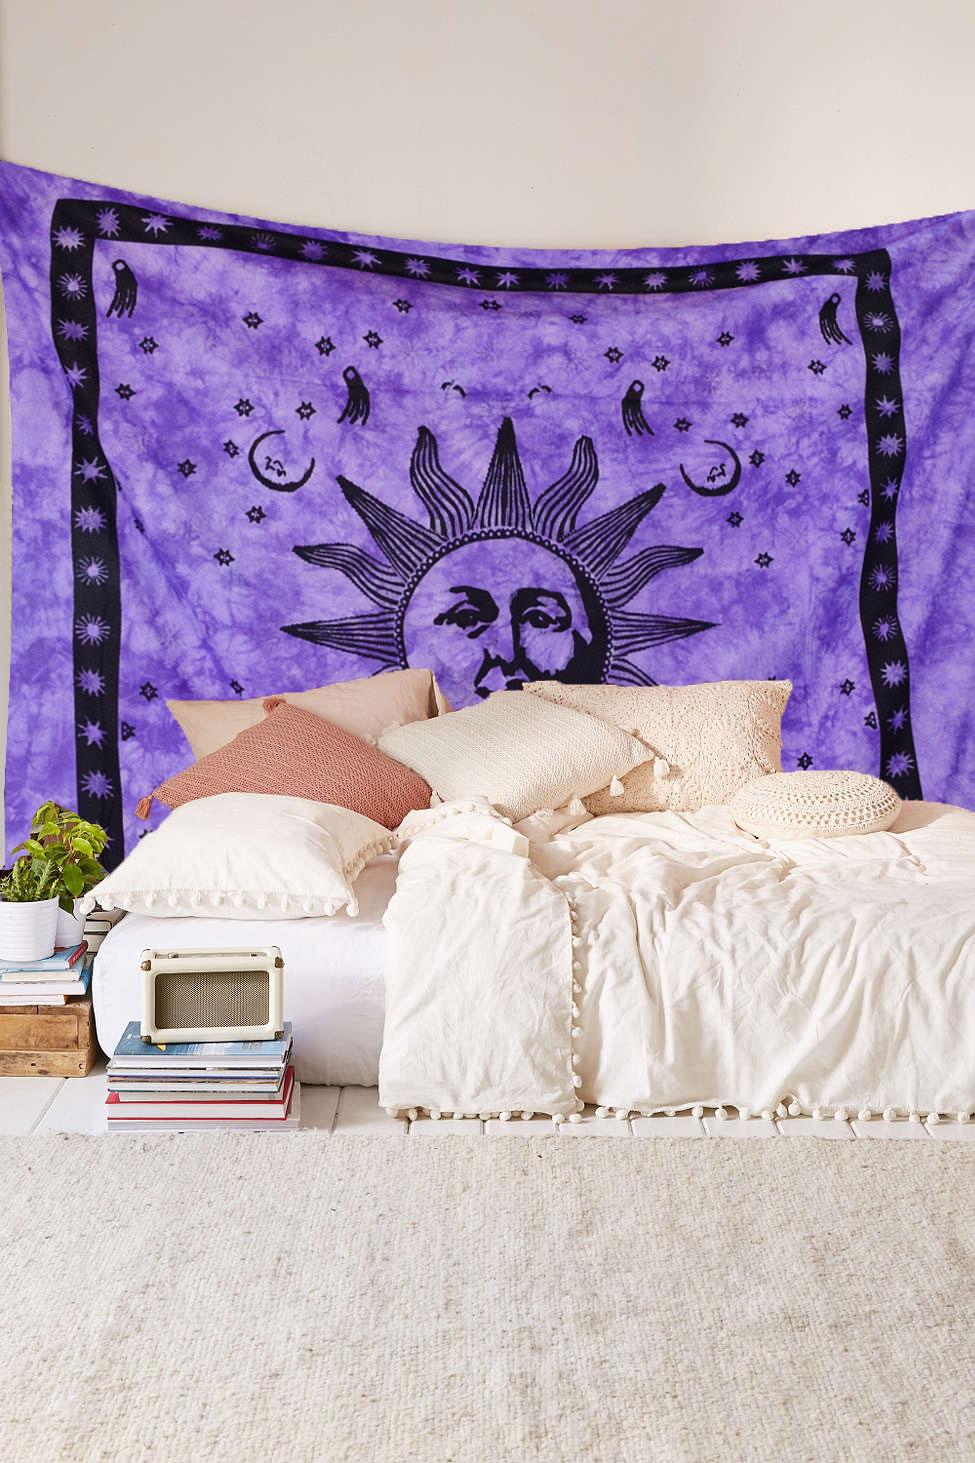 Indian Tie Dye Fringed Purple Sun Wall Tapestry Bedspread Bedding. Indian Tie Dye Fringed Purple Sun Wall Tapestry Bedspread Bedding